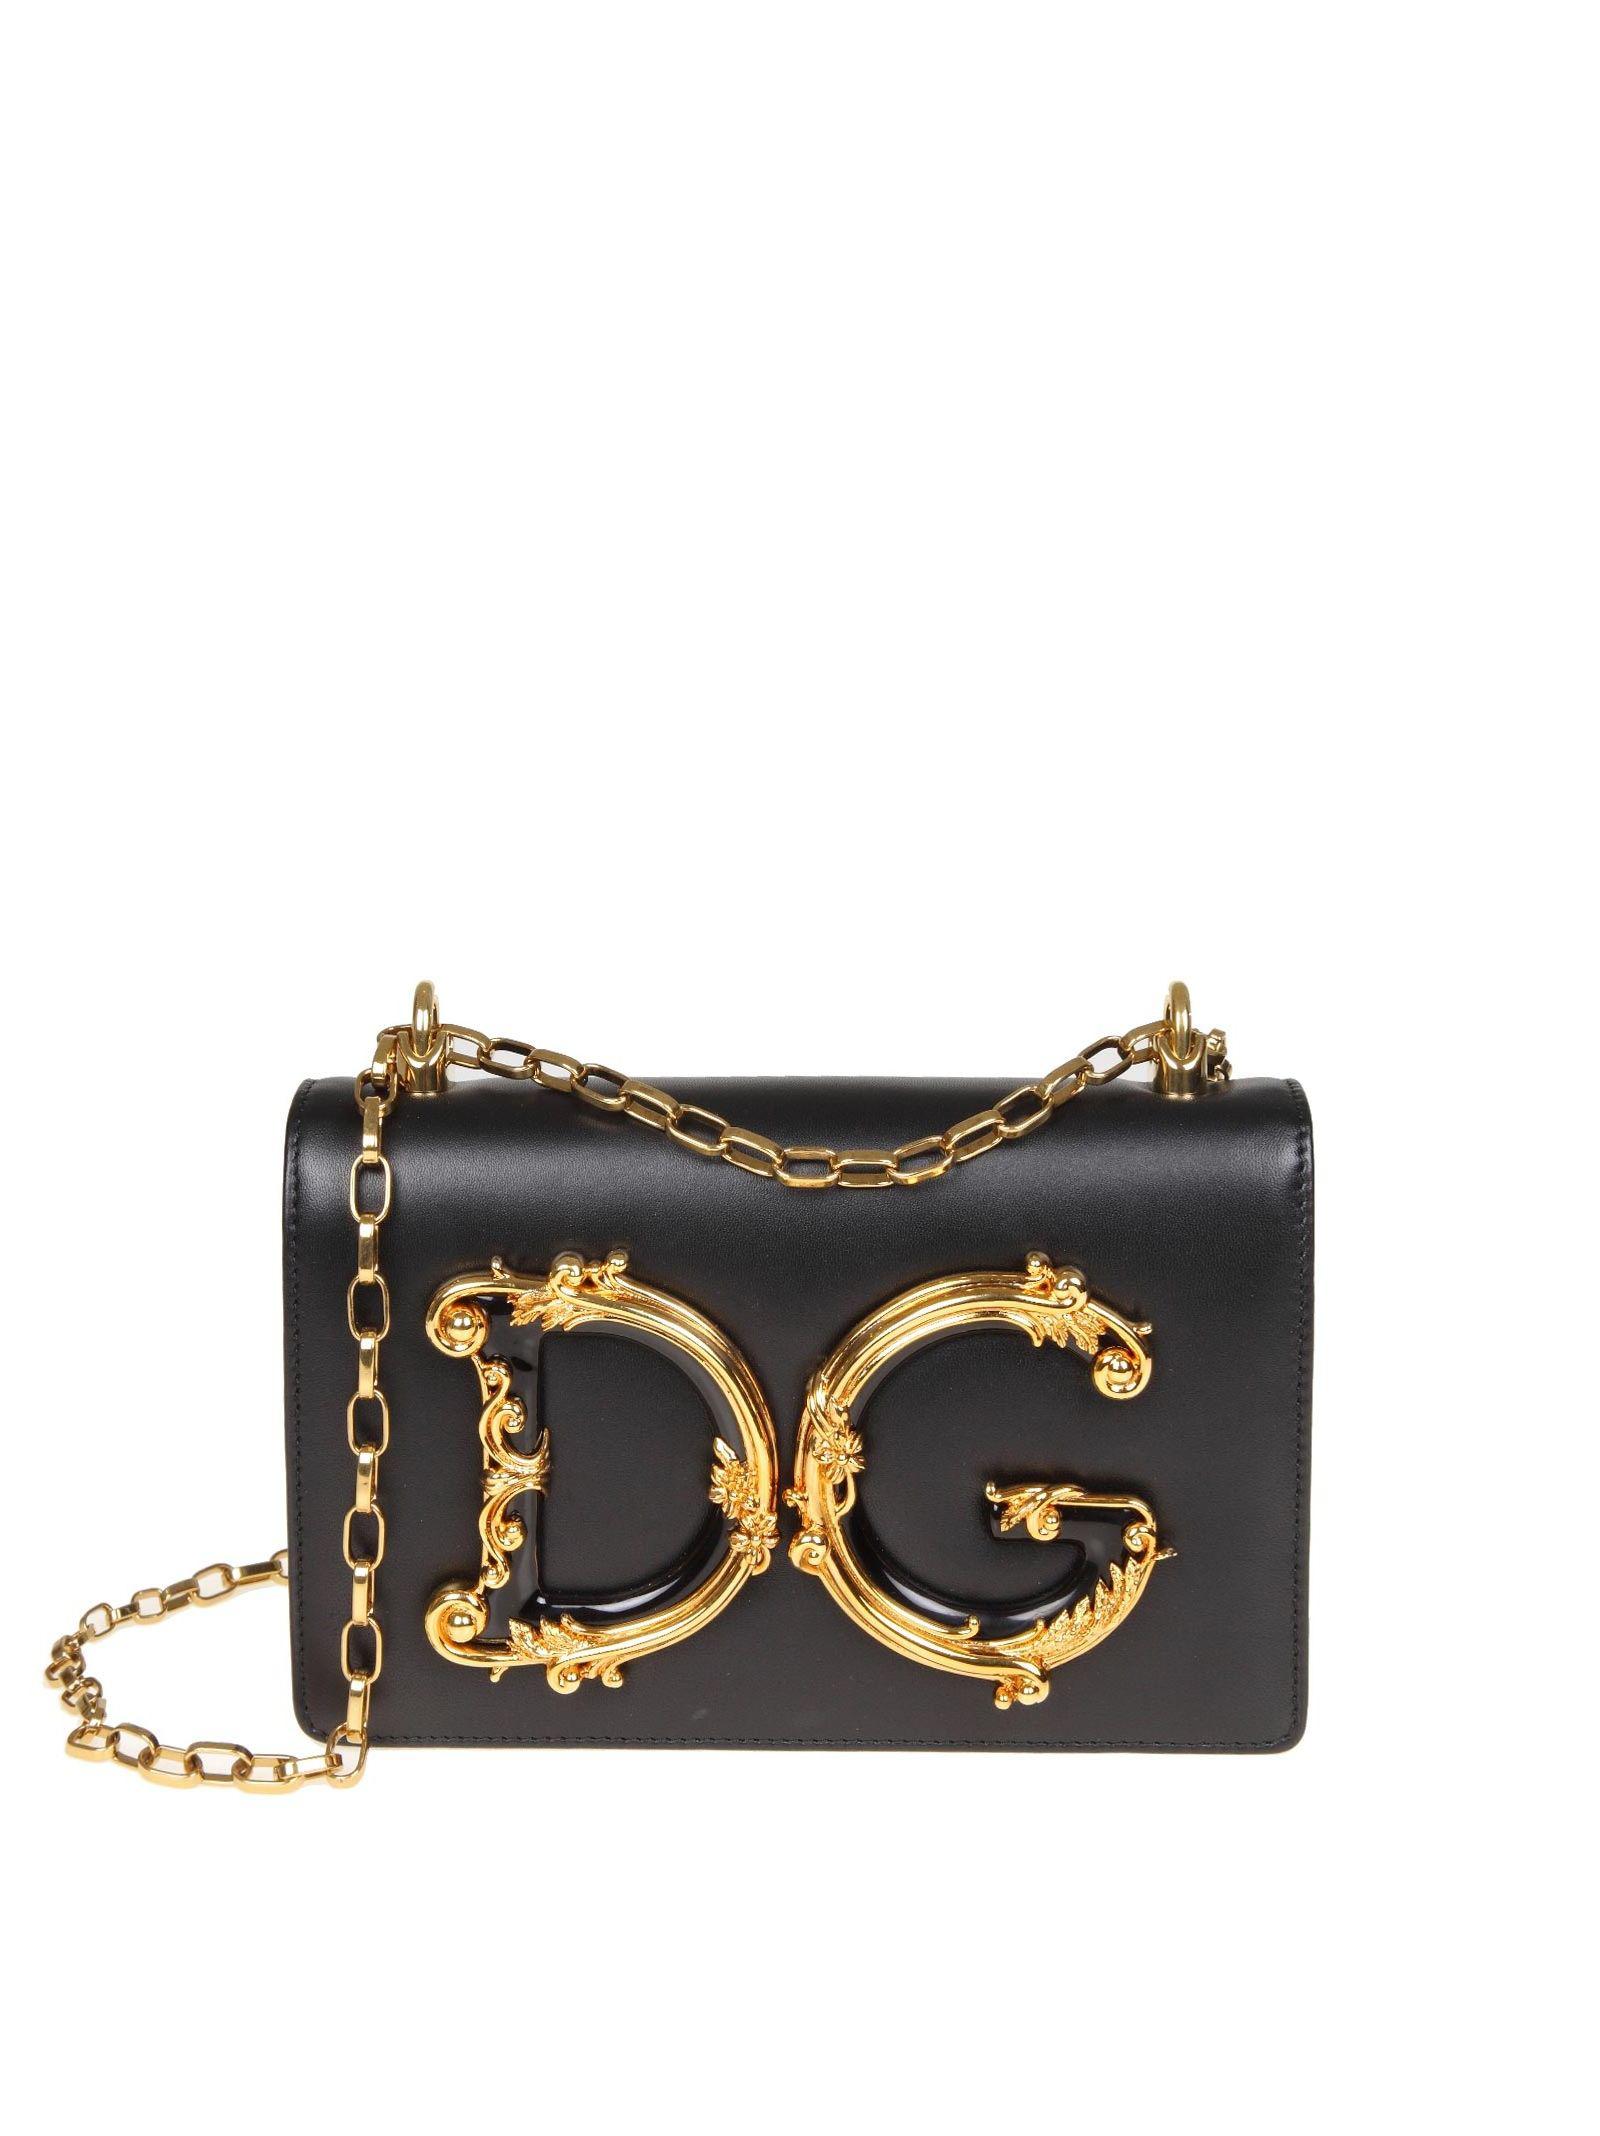 44991c69ac10 Dolce   Gabbana Shoulder Bag Dg Girls In Nappa Color Black